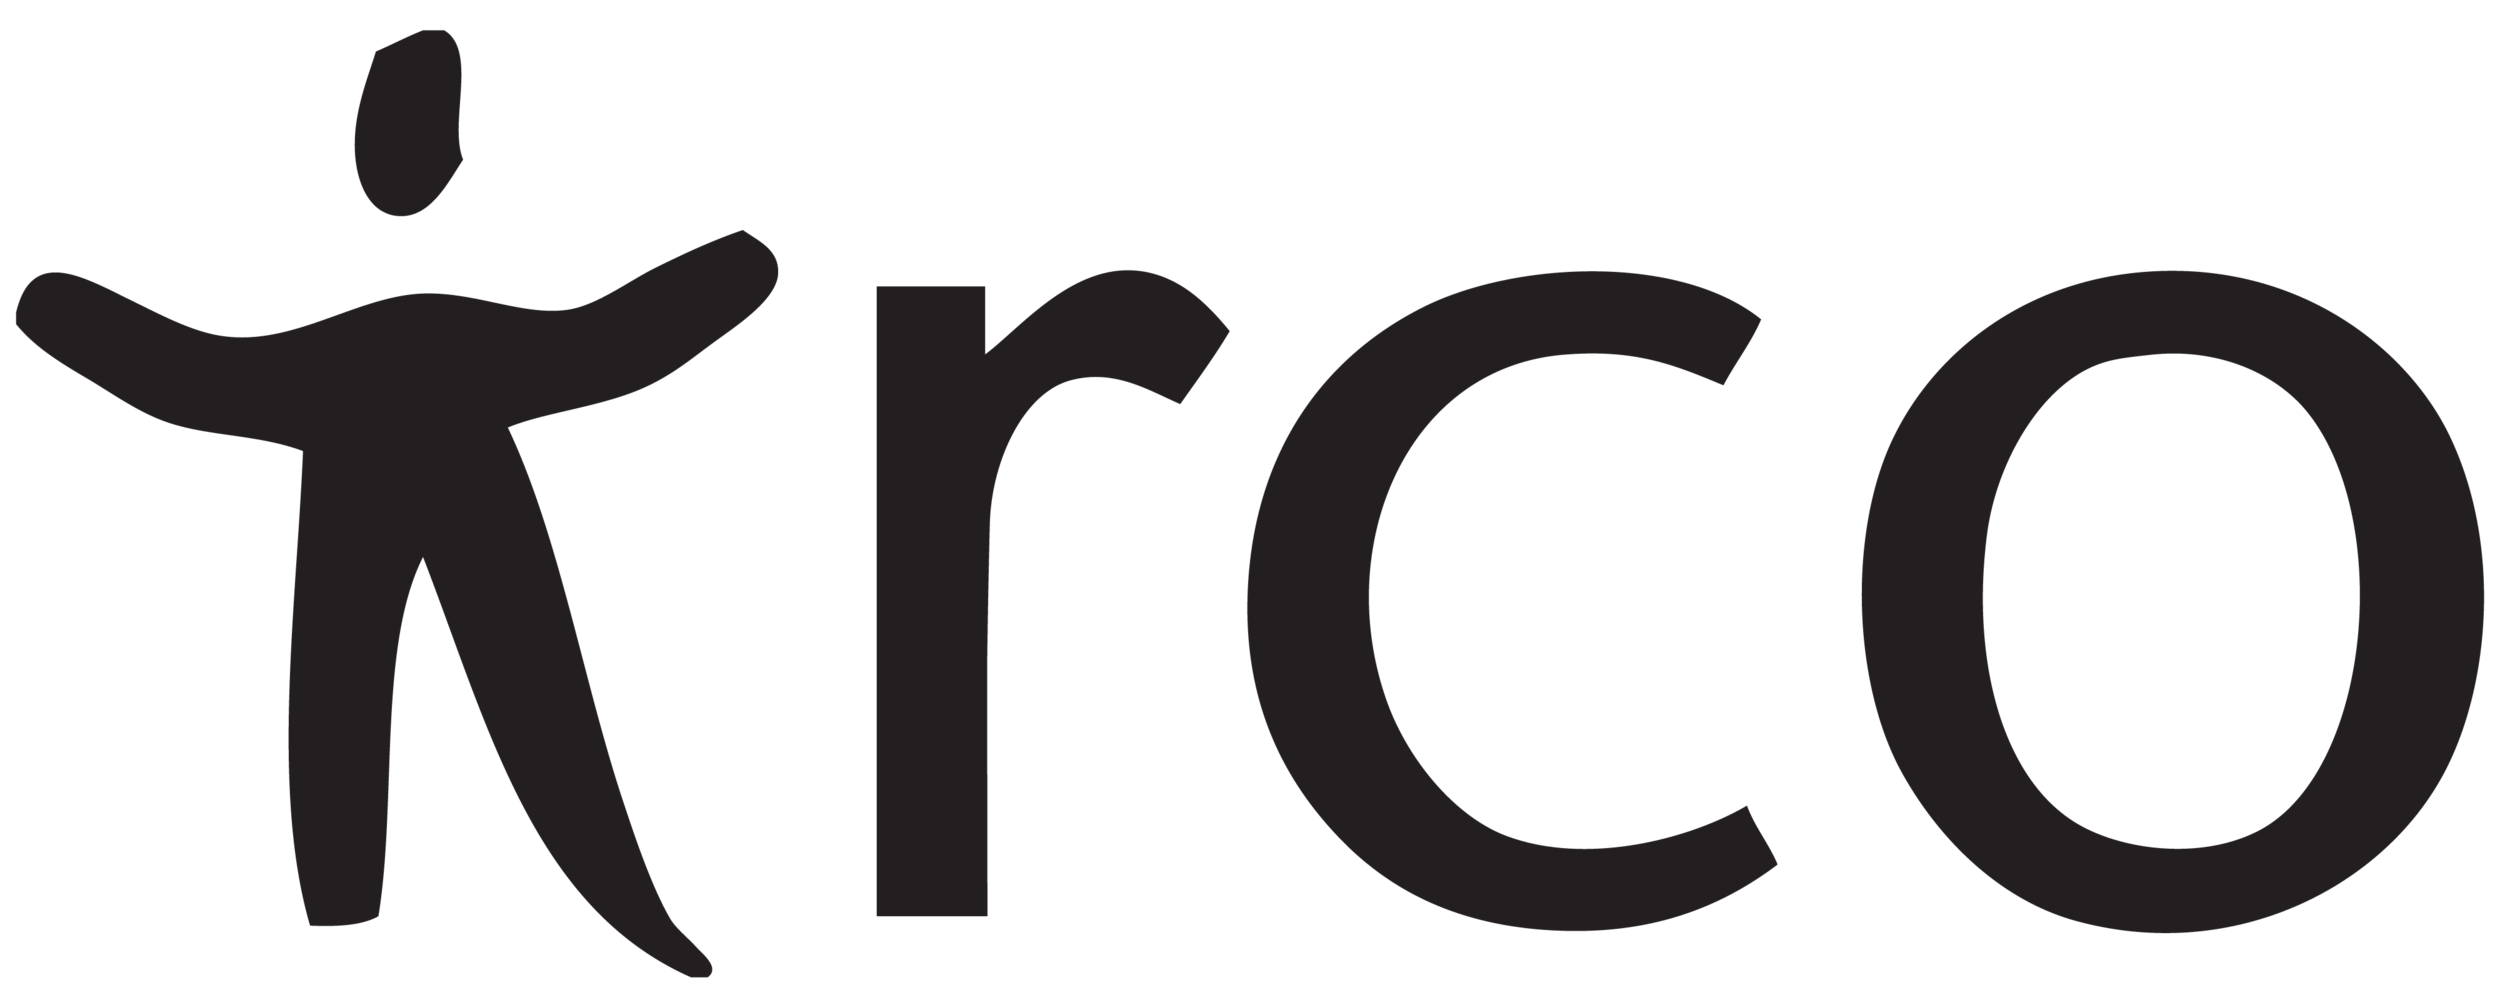 irco-littleguy-logo.png